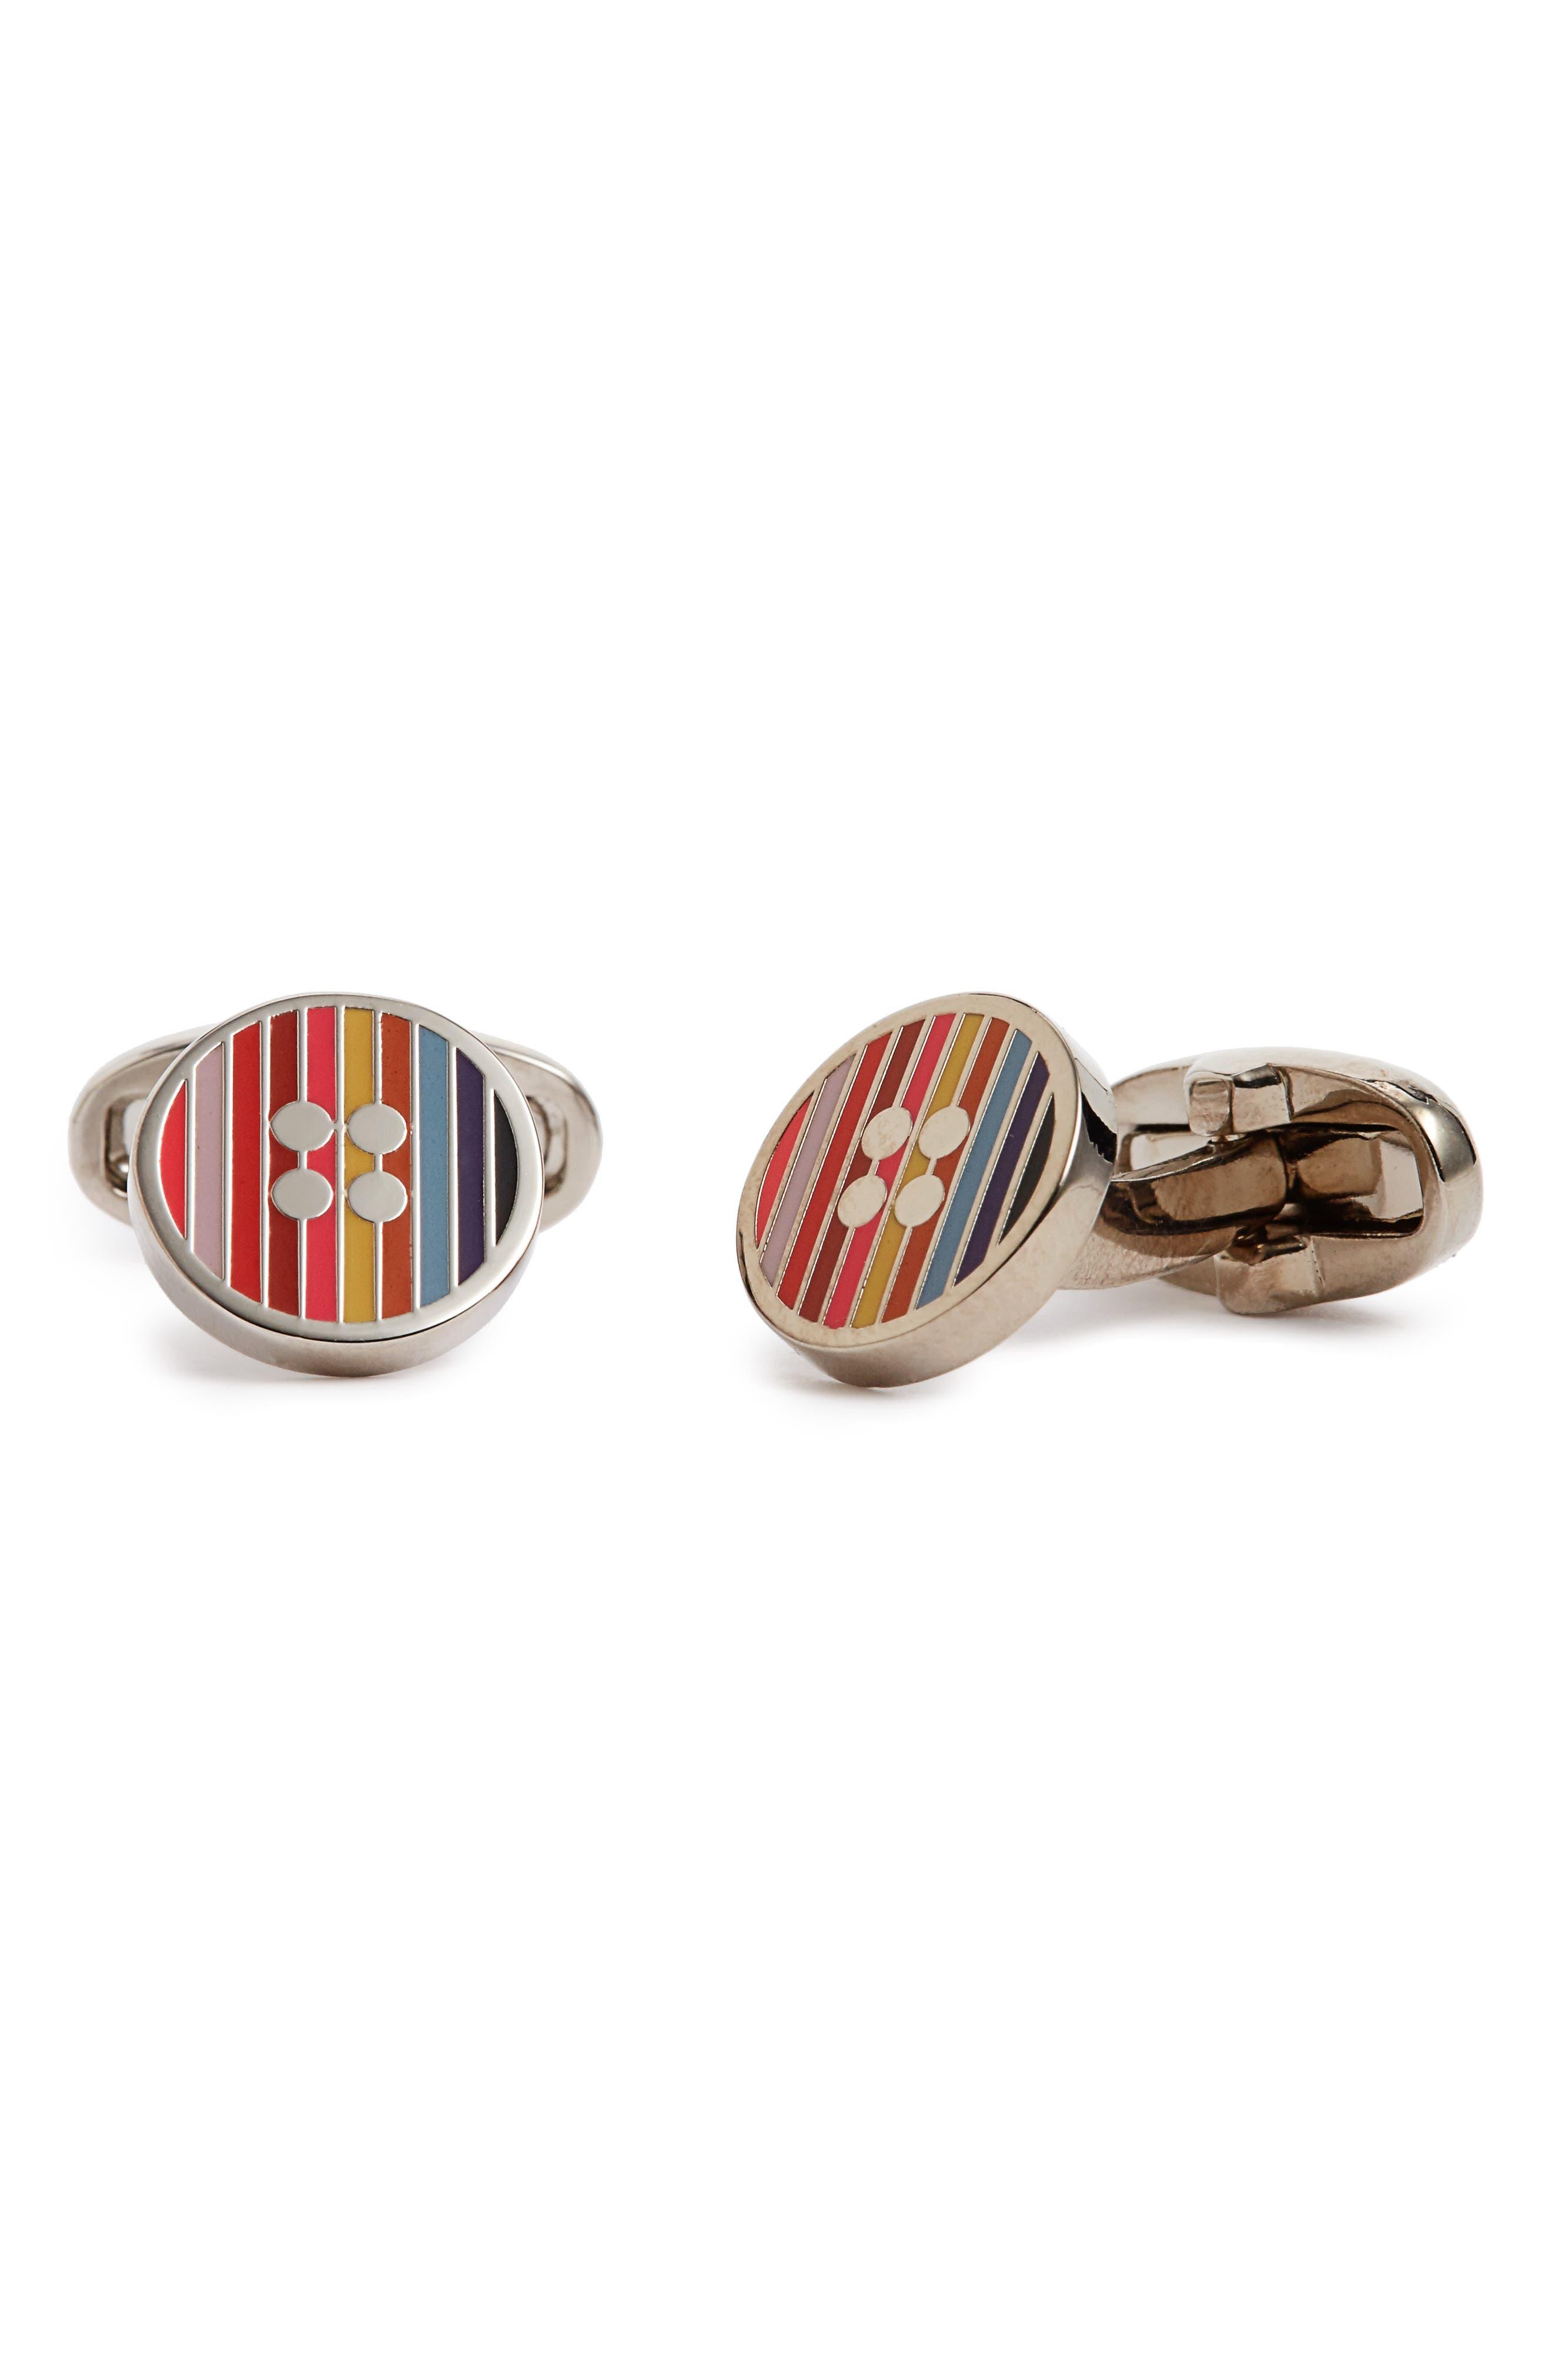 Stripe Button Cuff Links,                         Main,                         color, Silver Multi